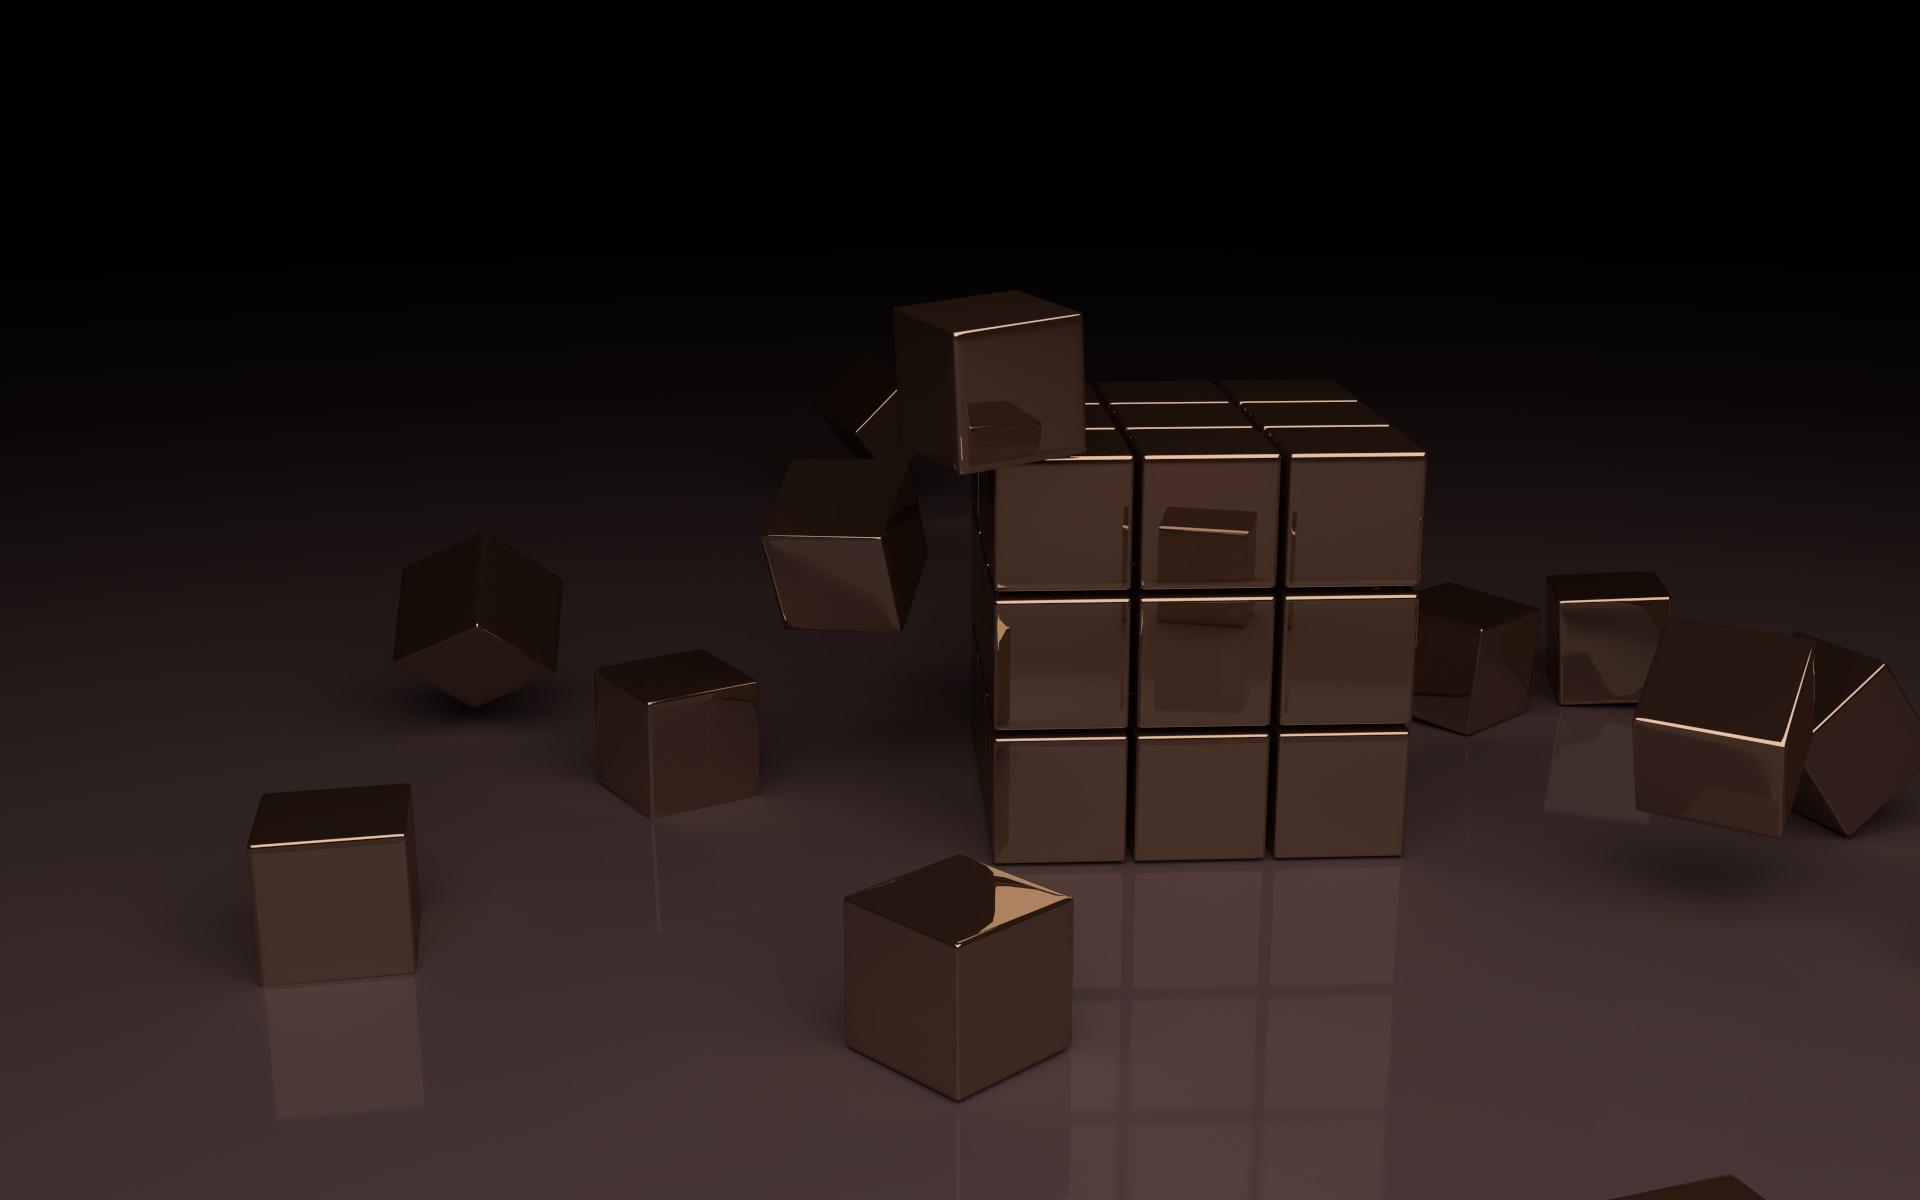 фотоаппаратом картинка для рабочего стола черные кубы выбирайте картинку так